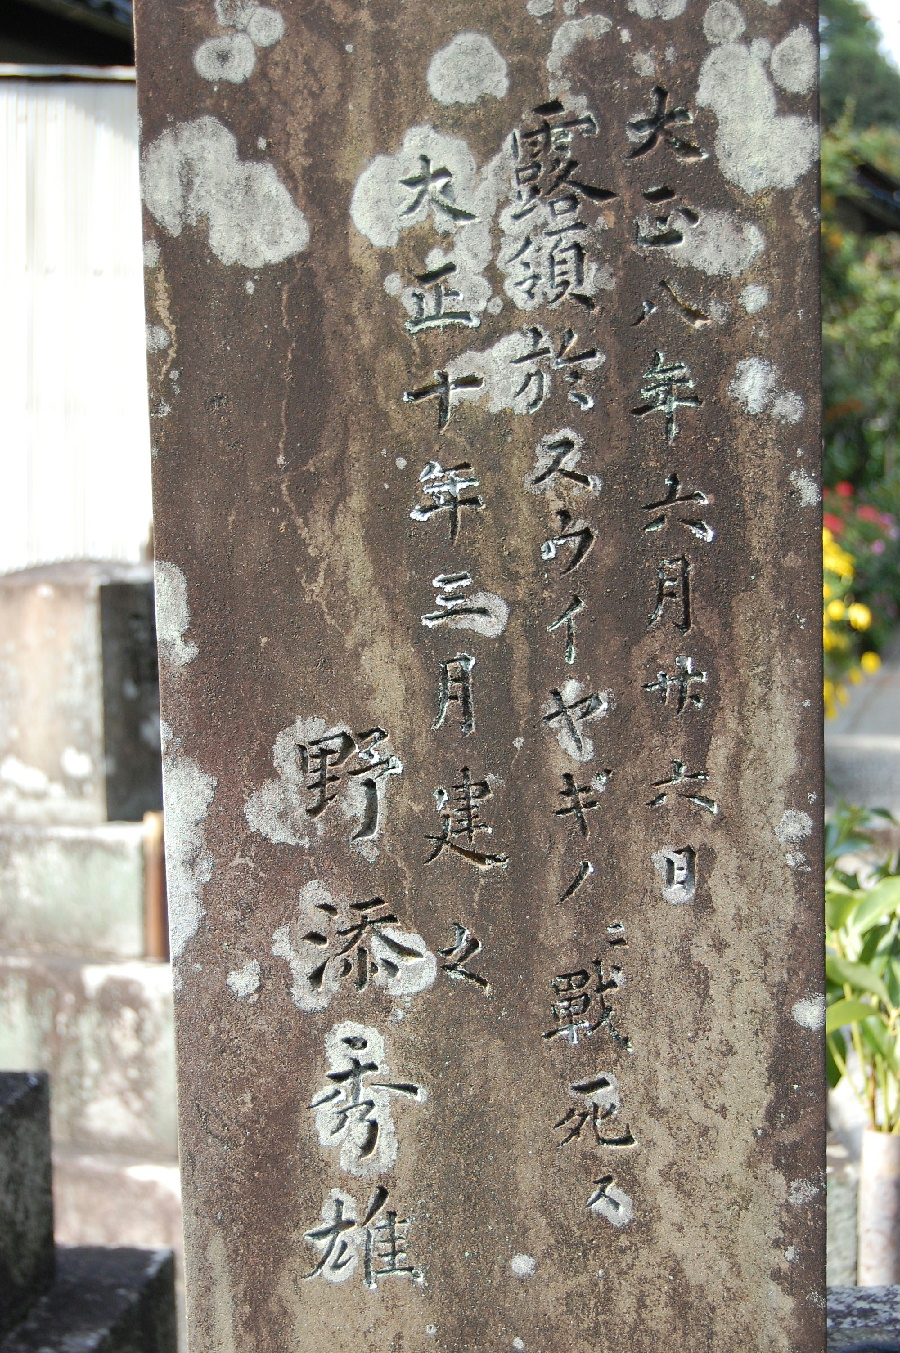 シベリア出兵の記録となった個人墓碑